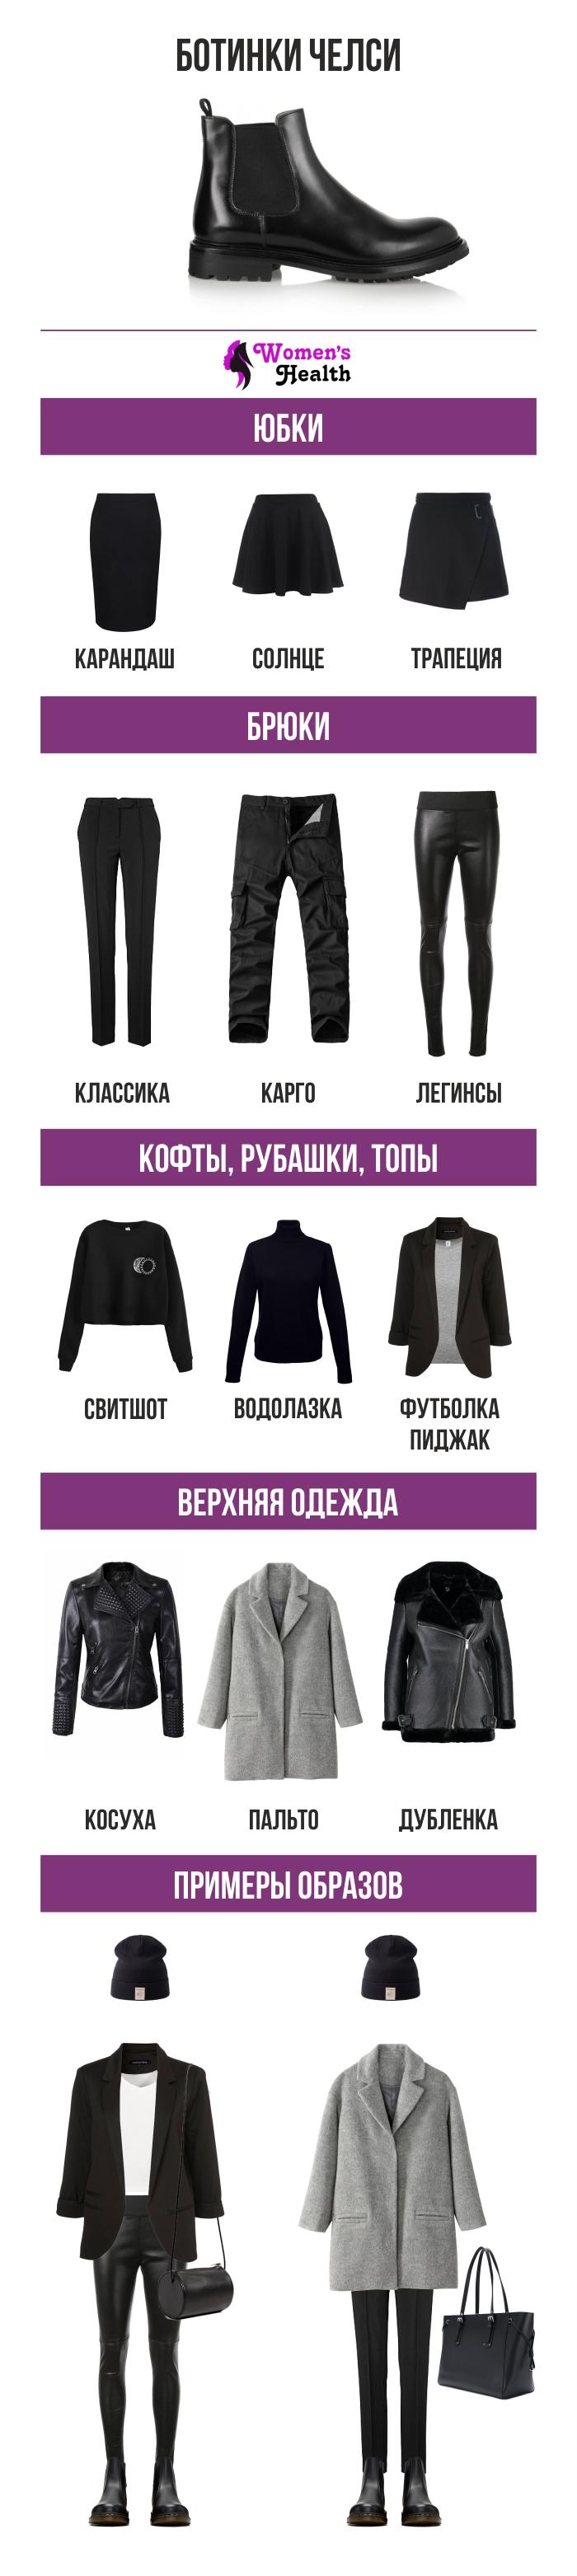 Инфографика: С чем носить женские ботинки челси